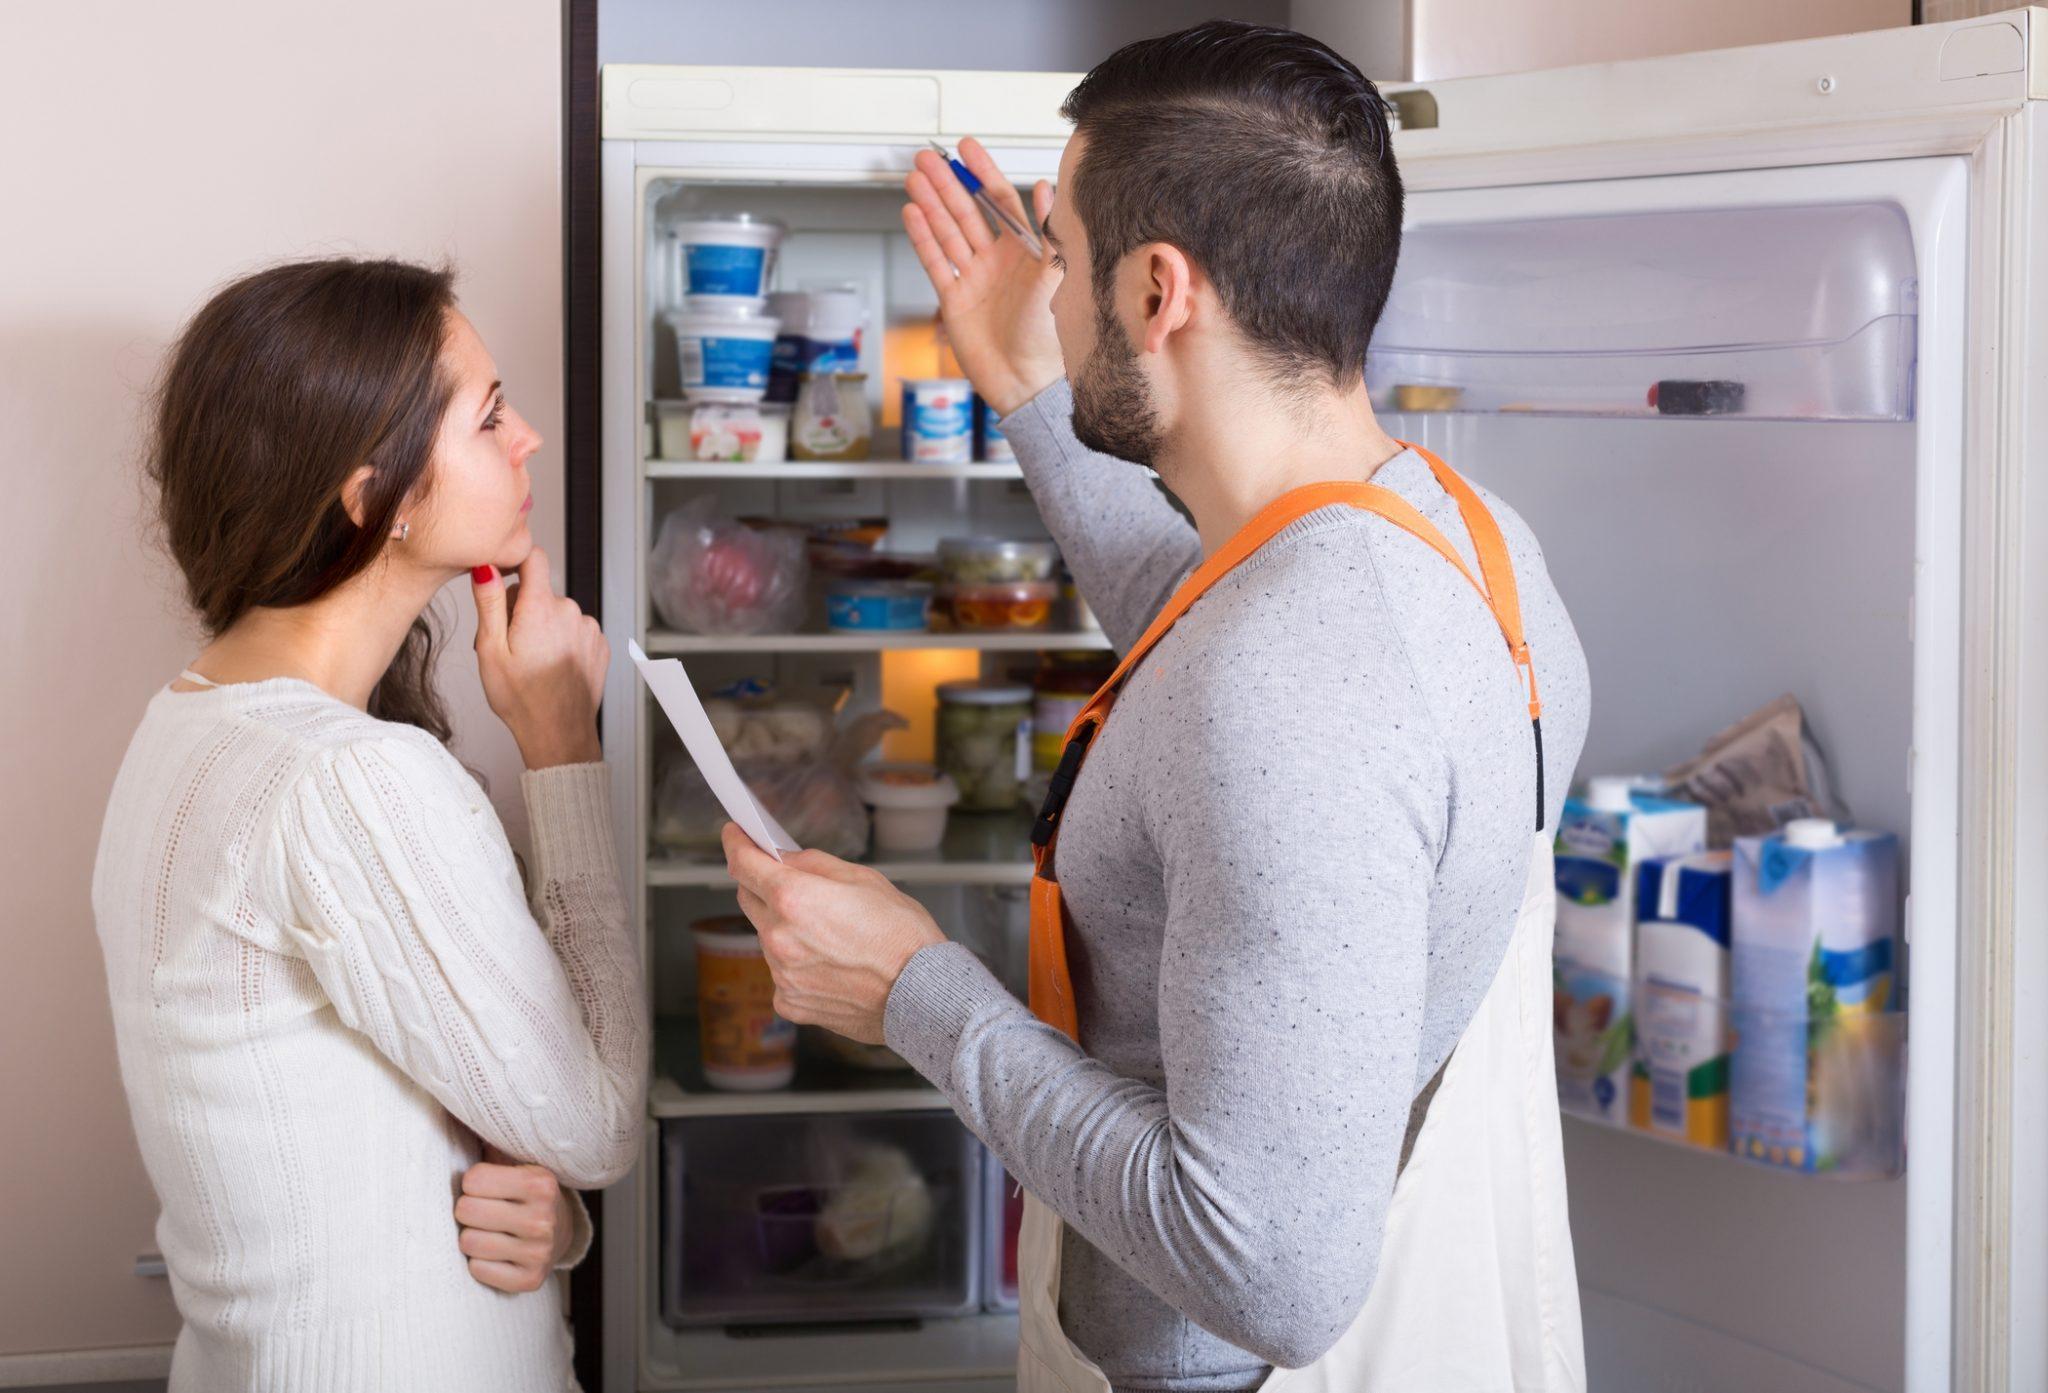 холодильник протекает внутри